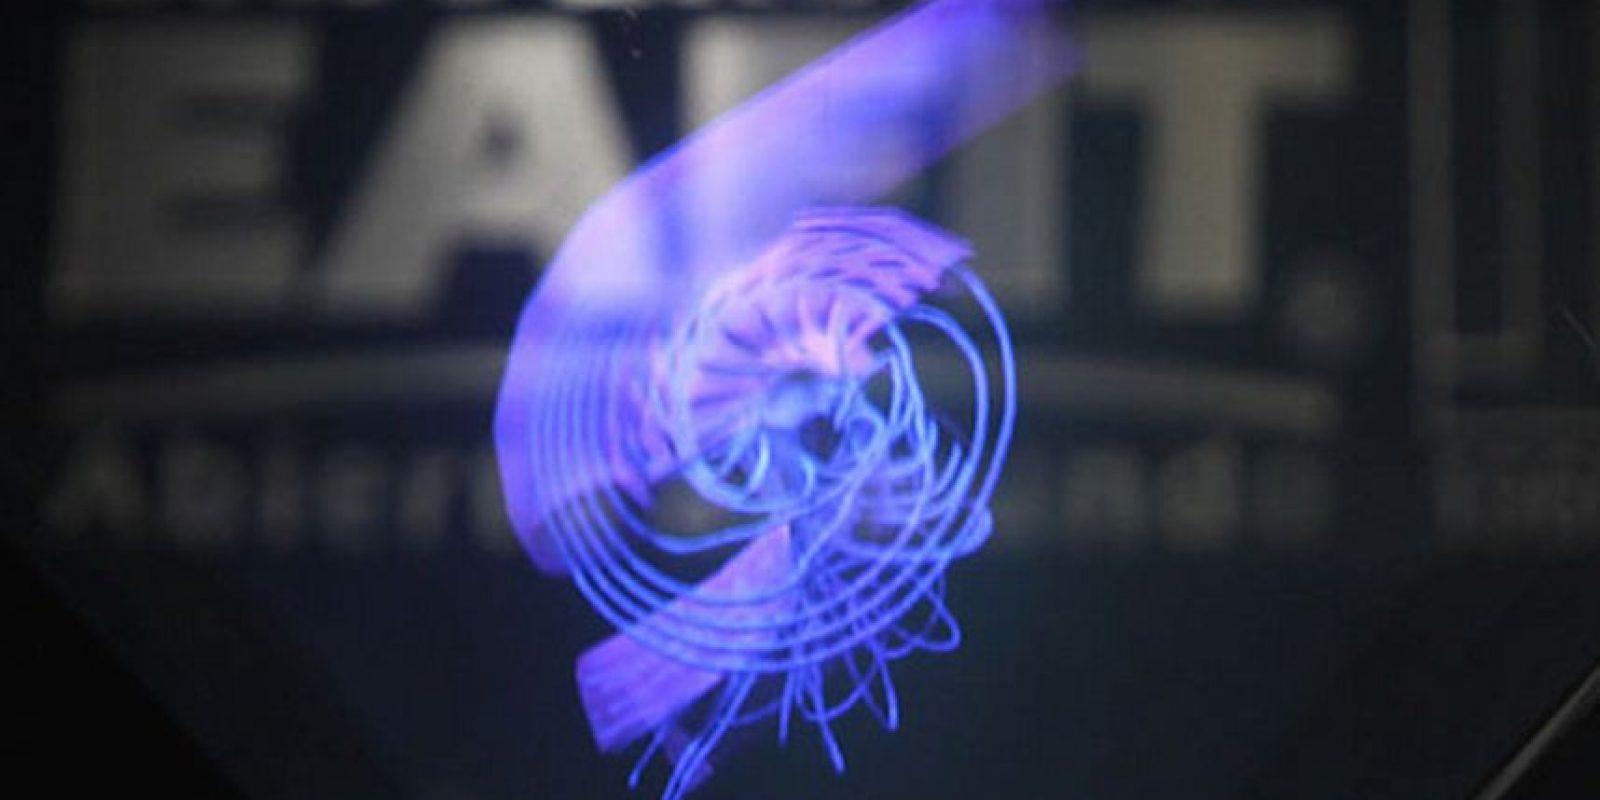 El desafío era lograr la telepresencia holográfica en tiempo real. Foto:Wikicommons